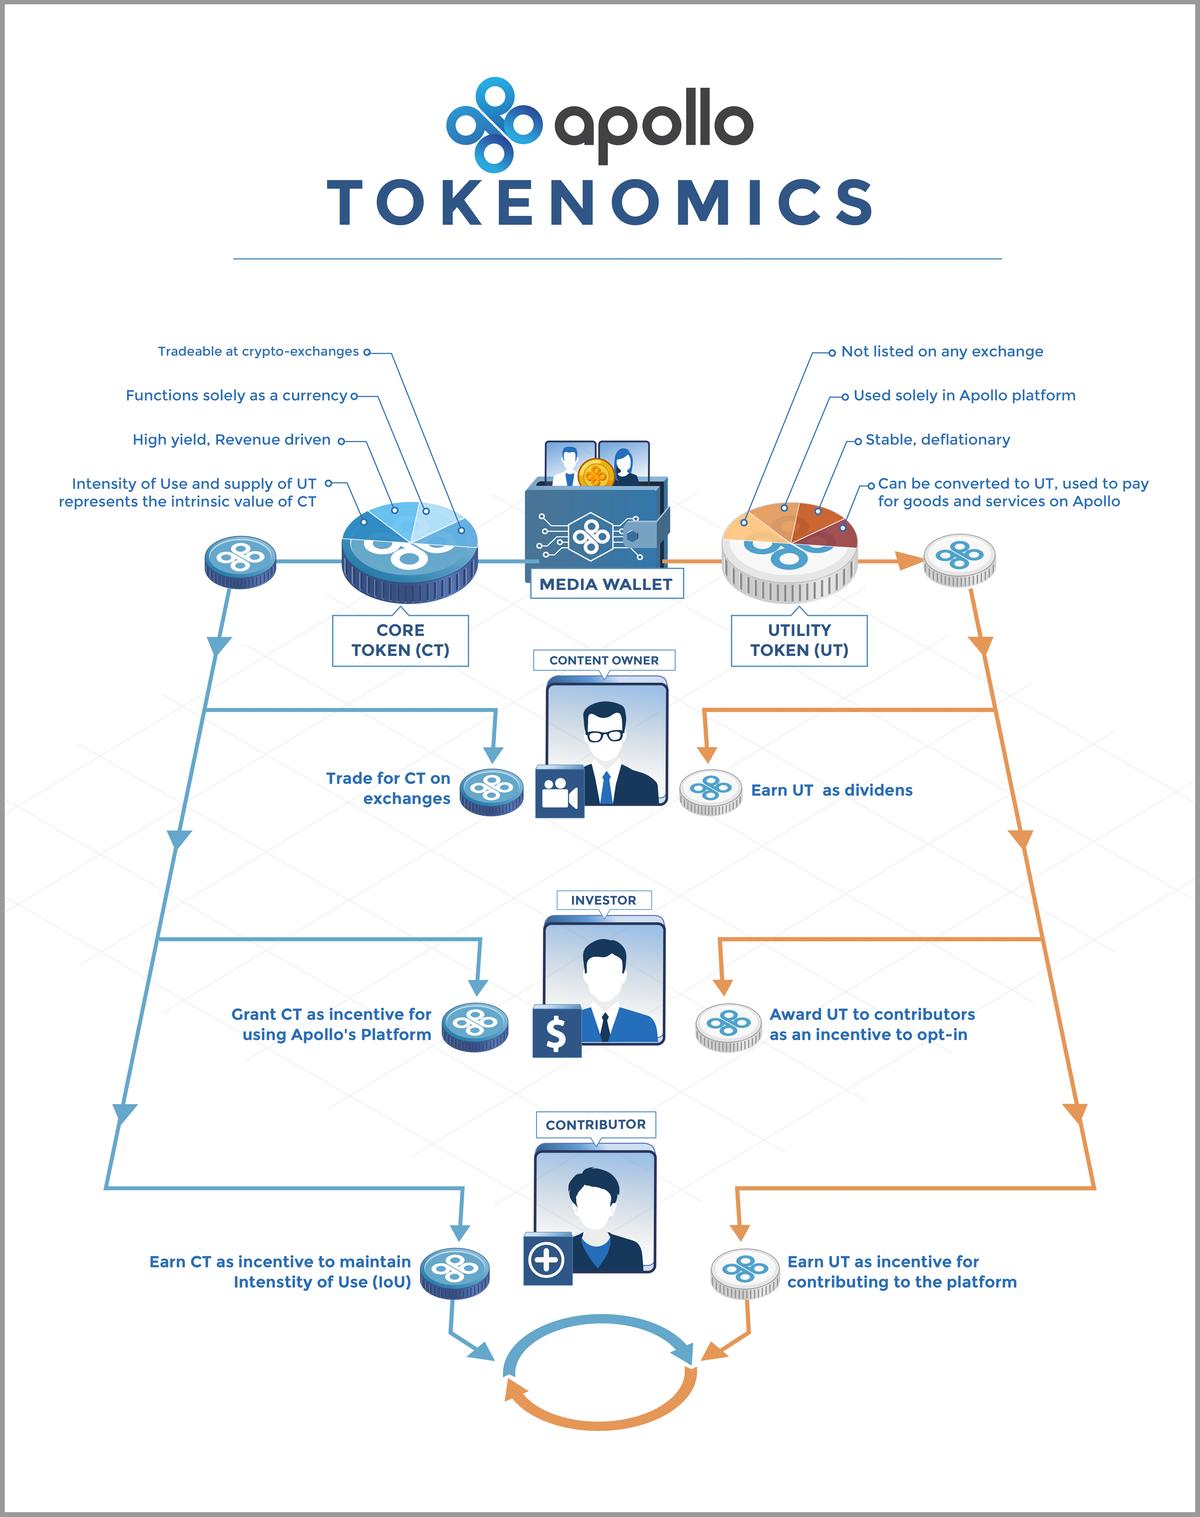 Infographic for Apollo Tokenomics